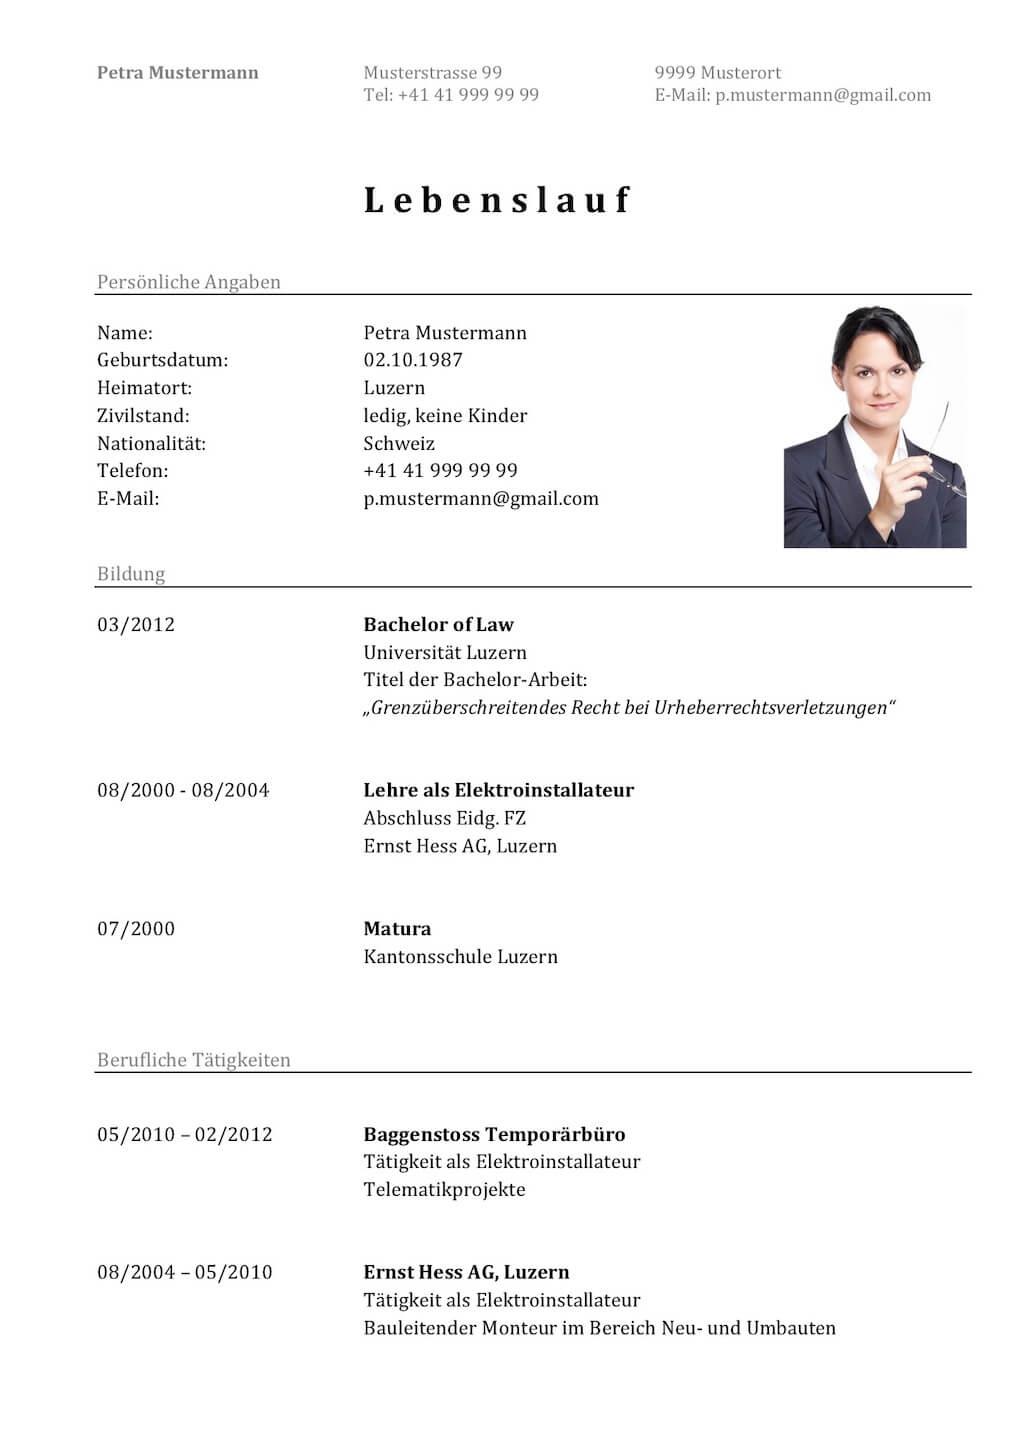 Tabellarischer Lebenslauf Vorlage | Muster-Vorlage.ch